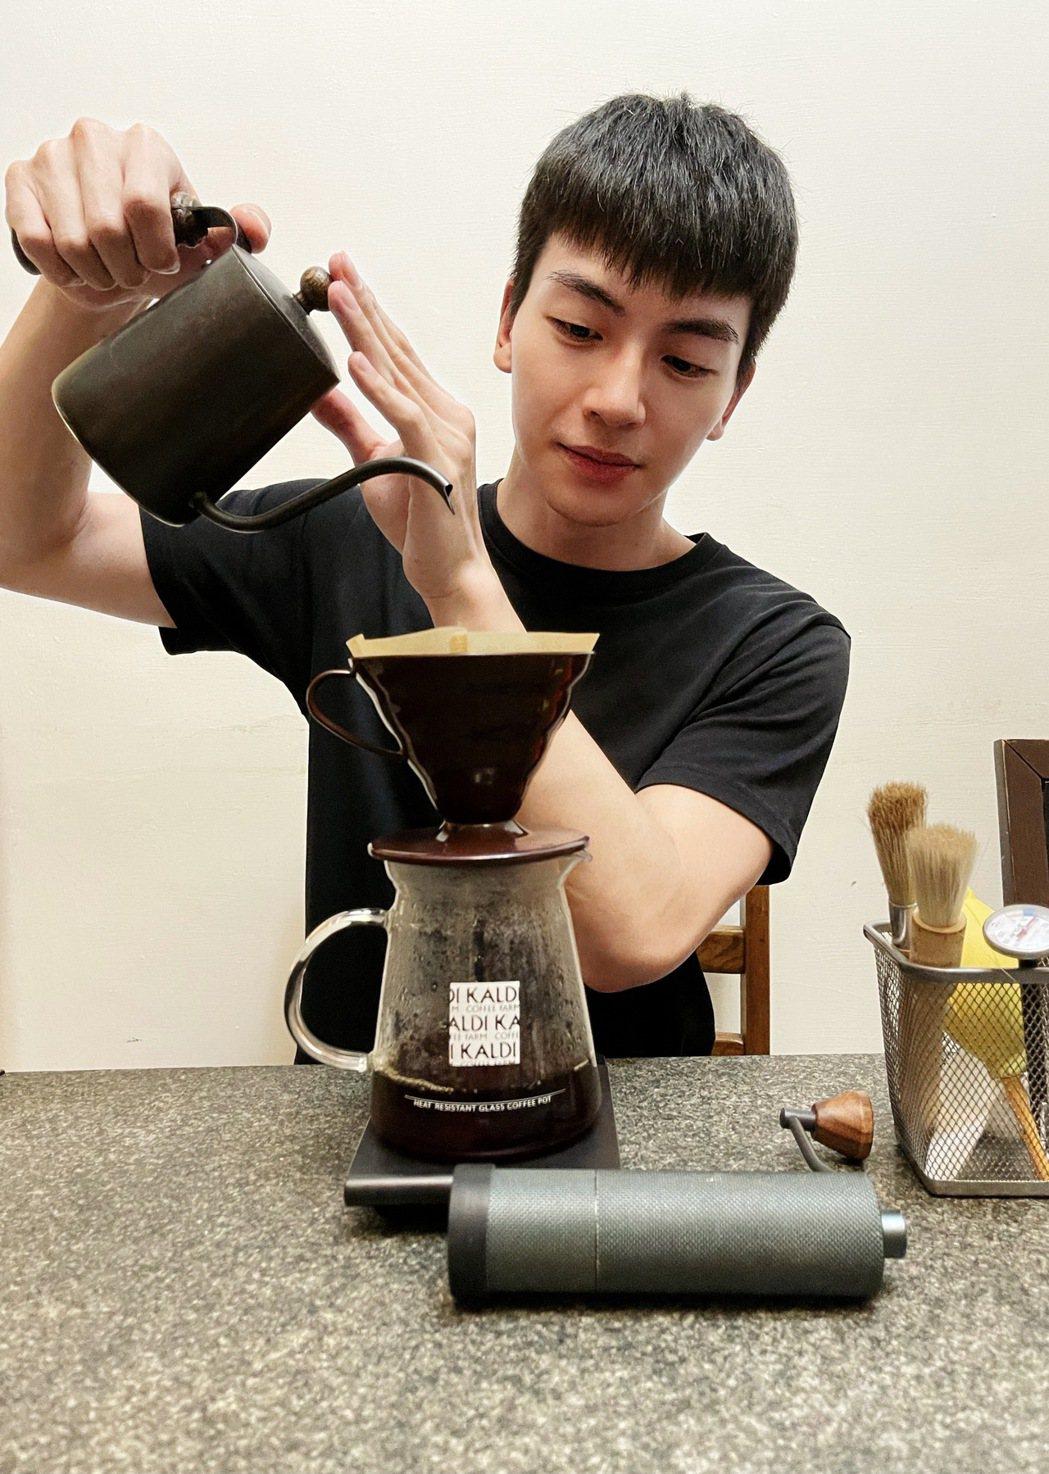 張洛偍宅在家做手沖咖啡。圖/周子娛樂提供